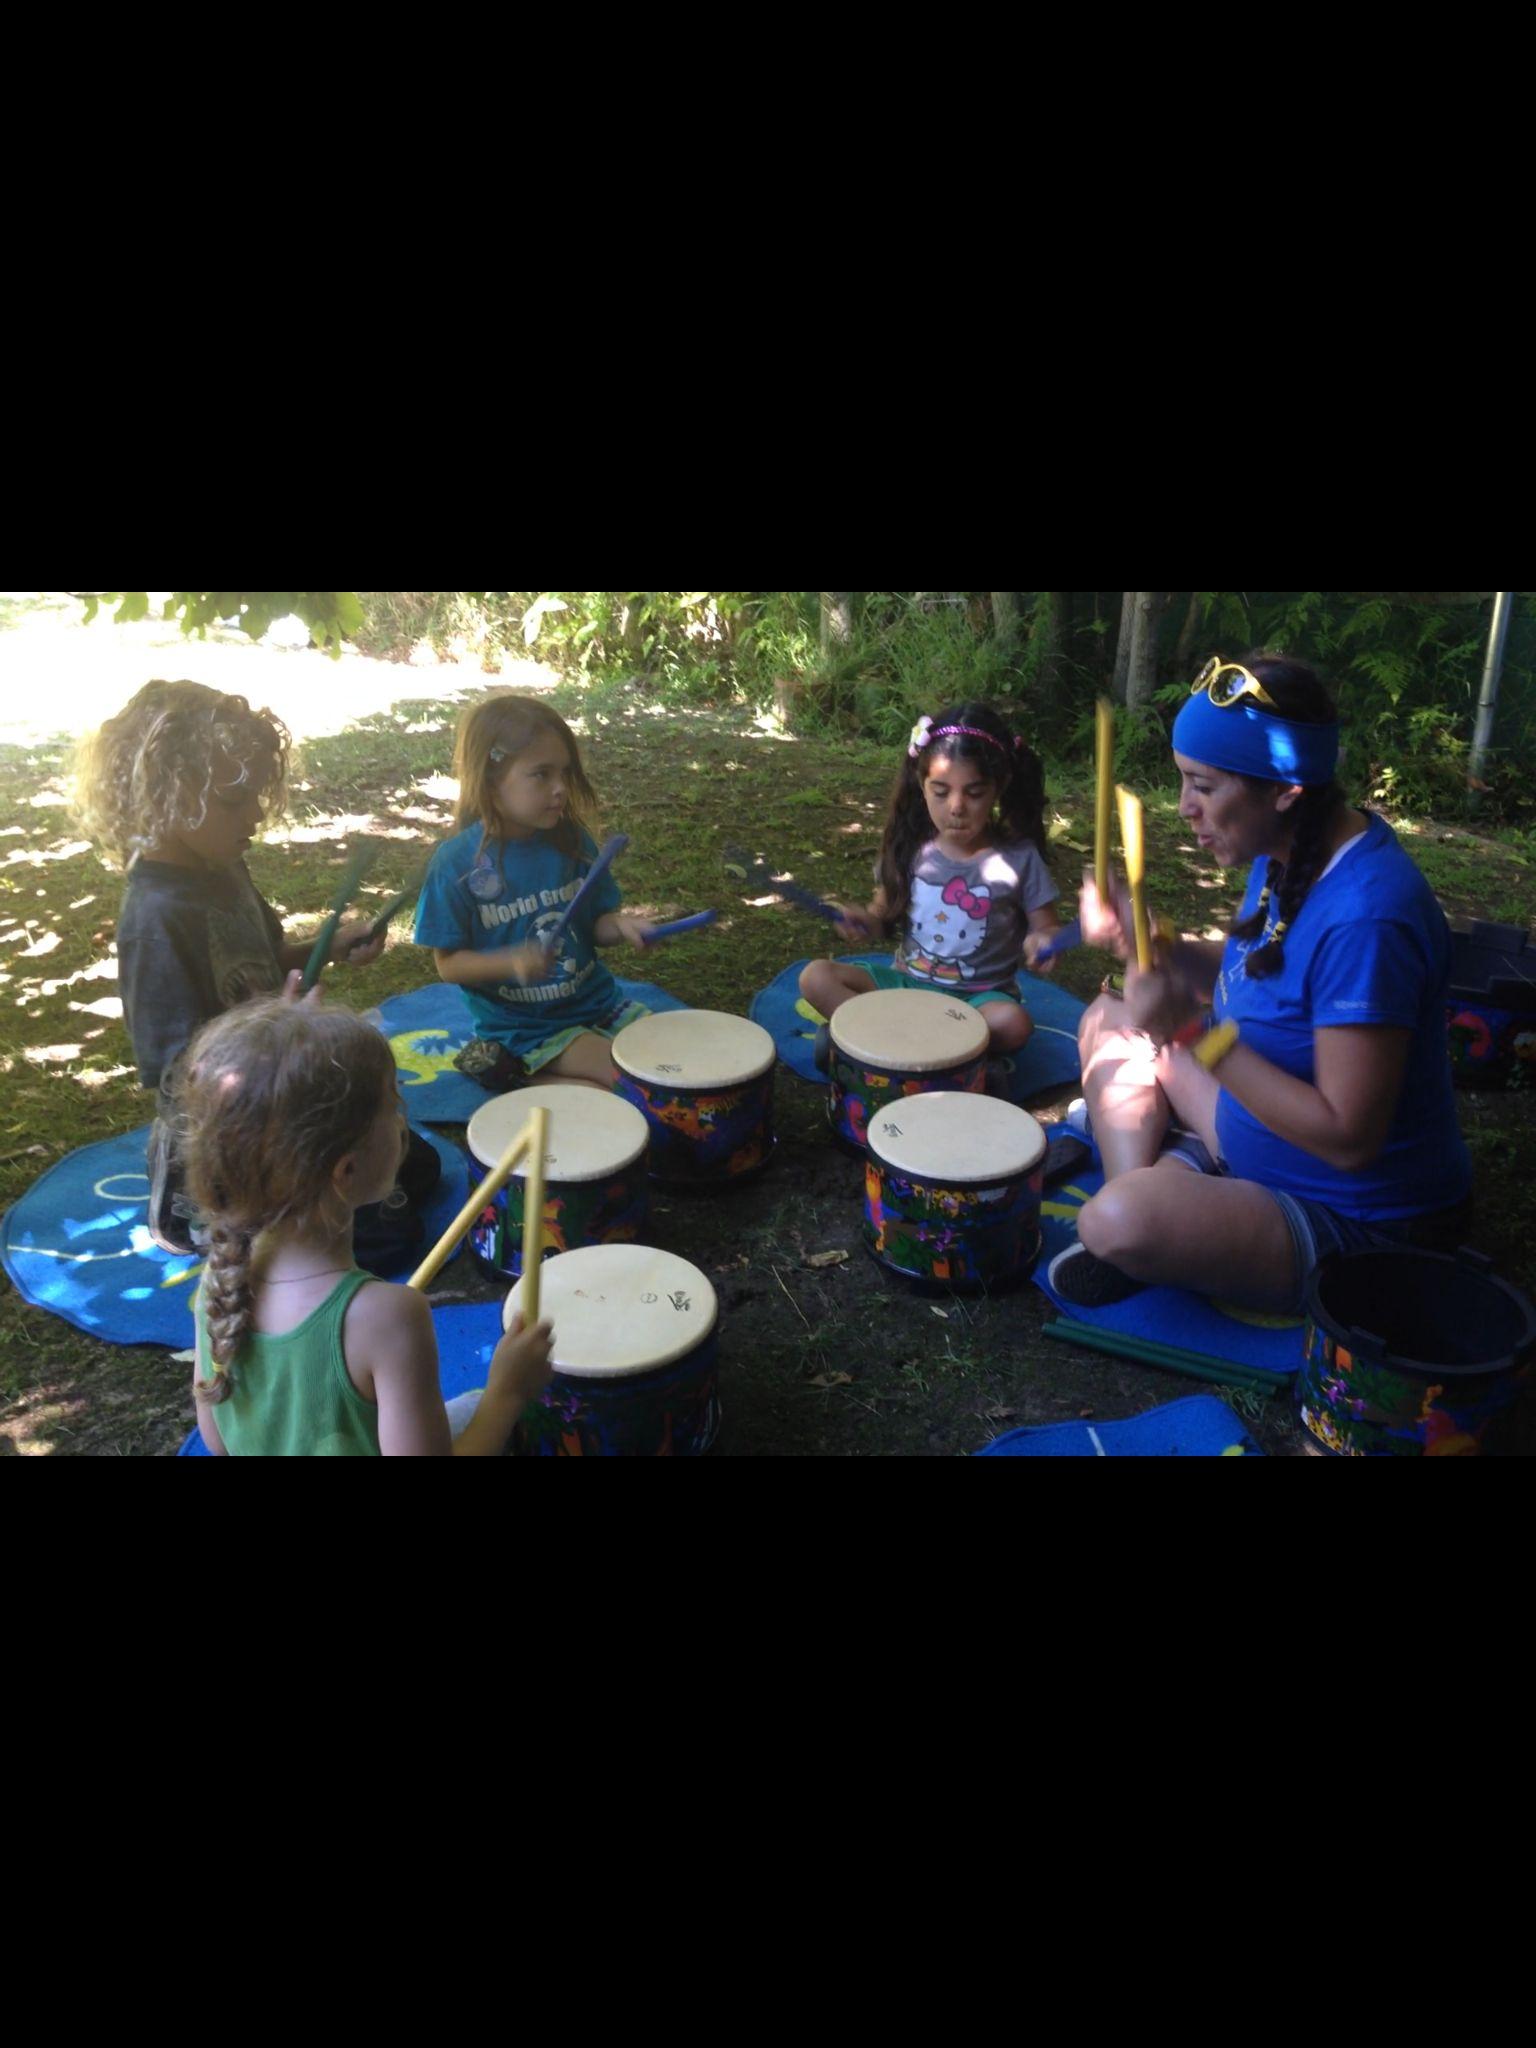 summercamp bailabailaviaja drums music cuba kids